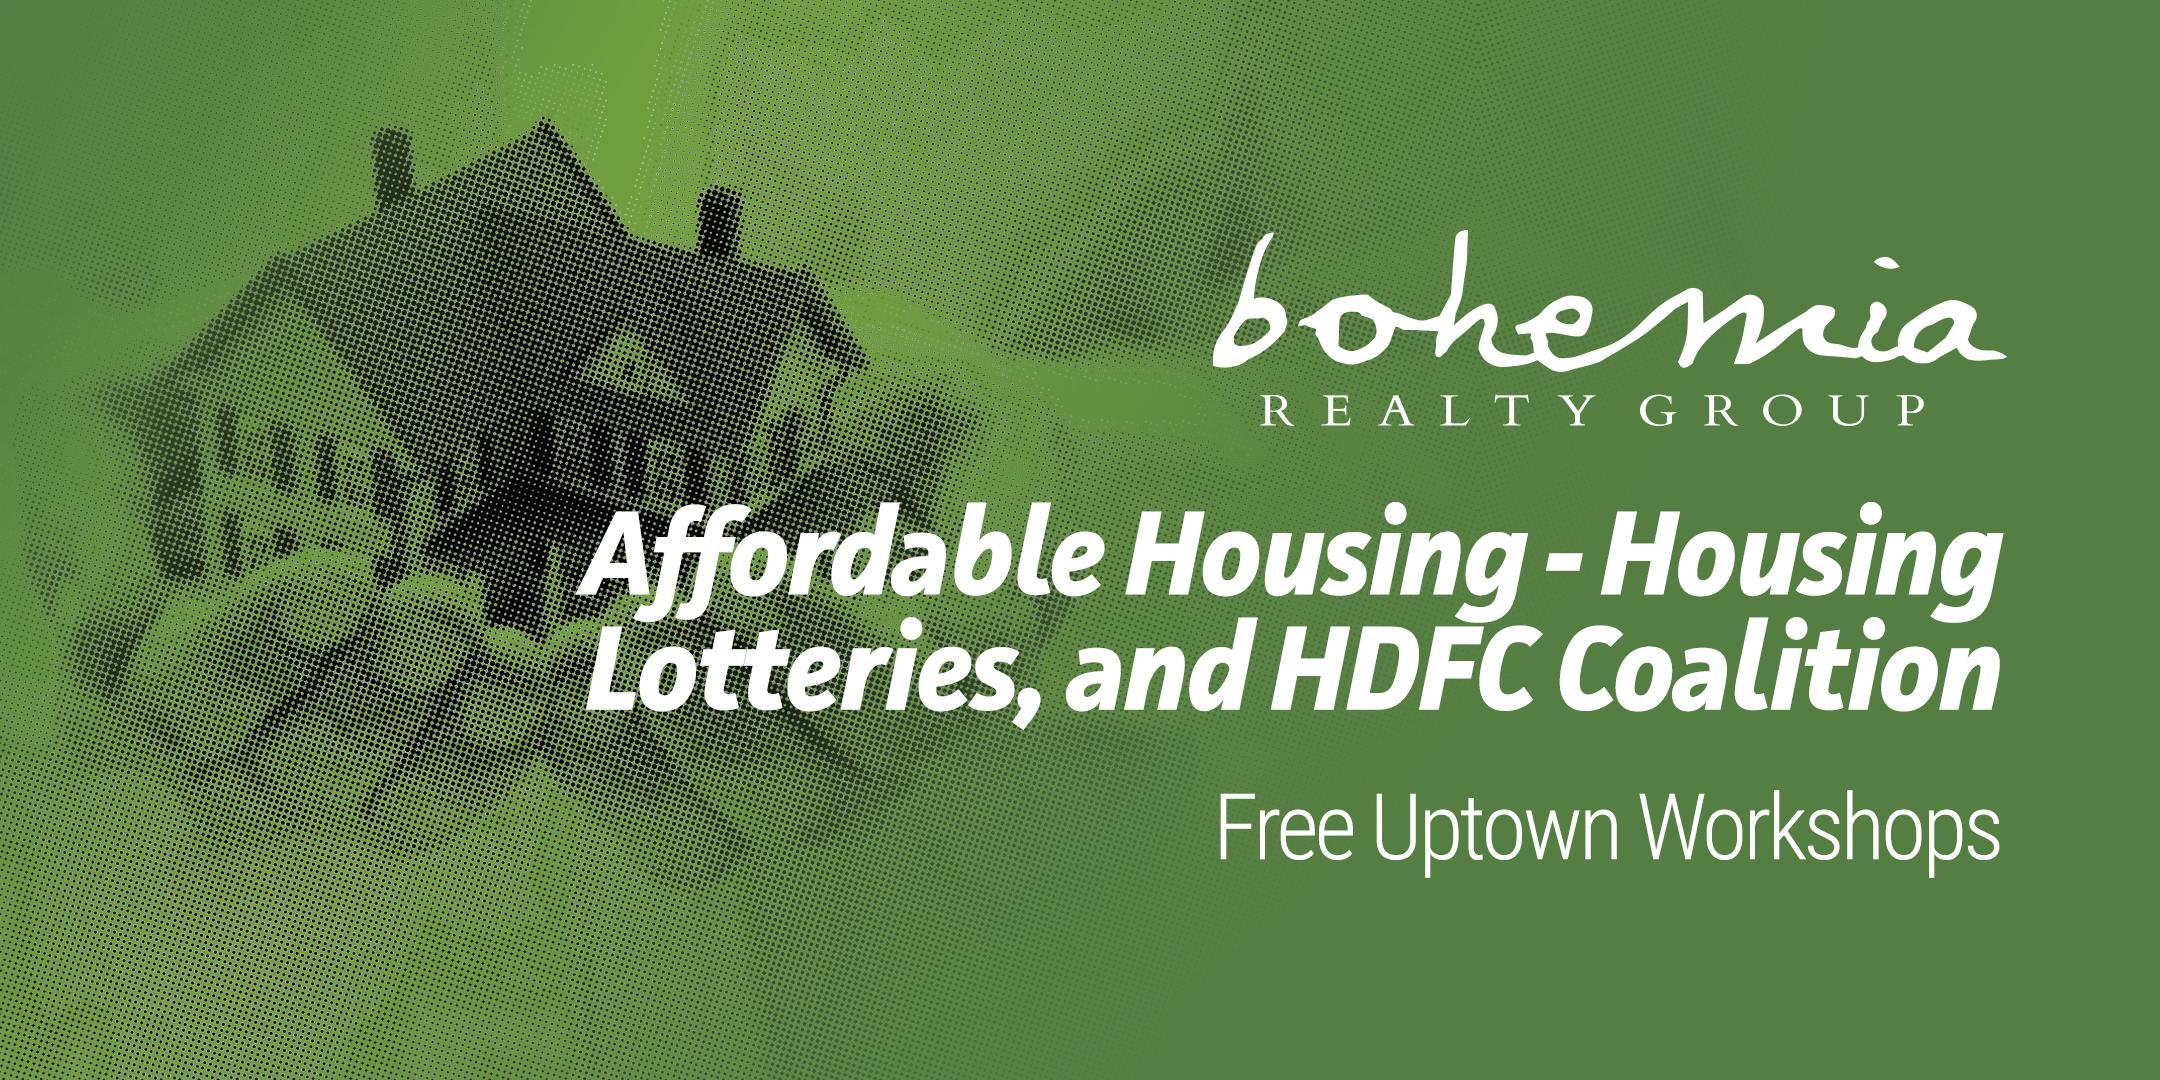 Affordable Housing Community Workshop- 8/23